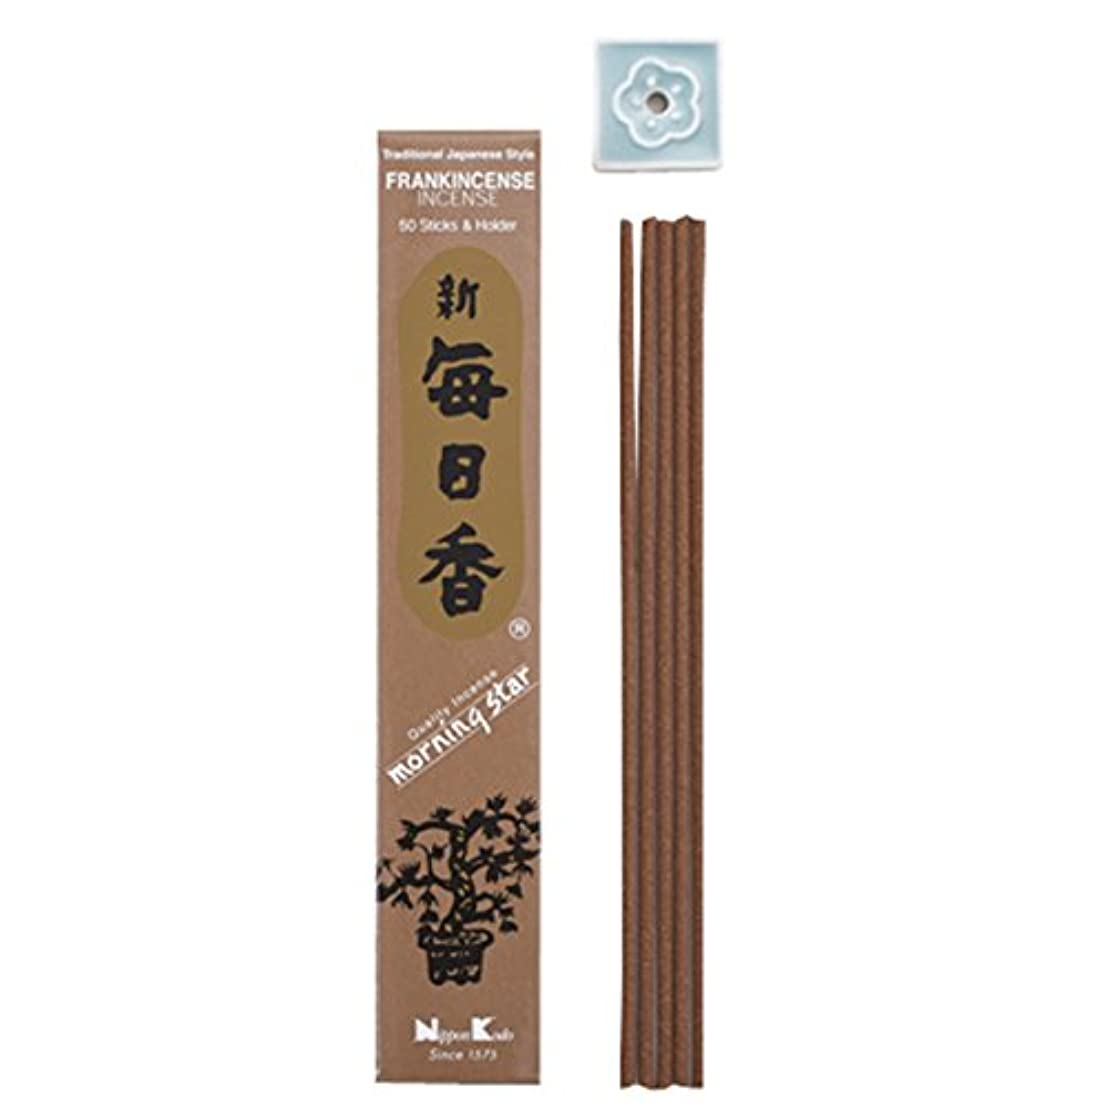 人種雷雨重くするMorning Star Japanese Incense Sticks Frankincense 50?Sticks &ホルダー'